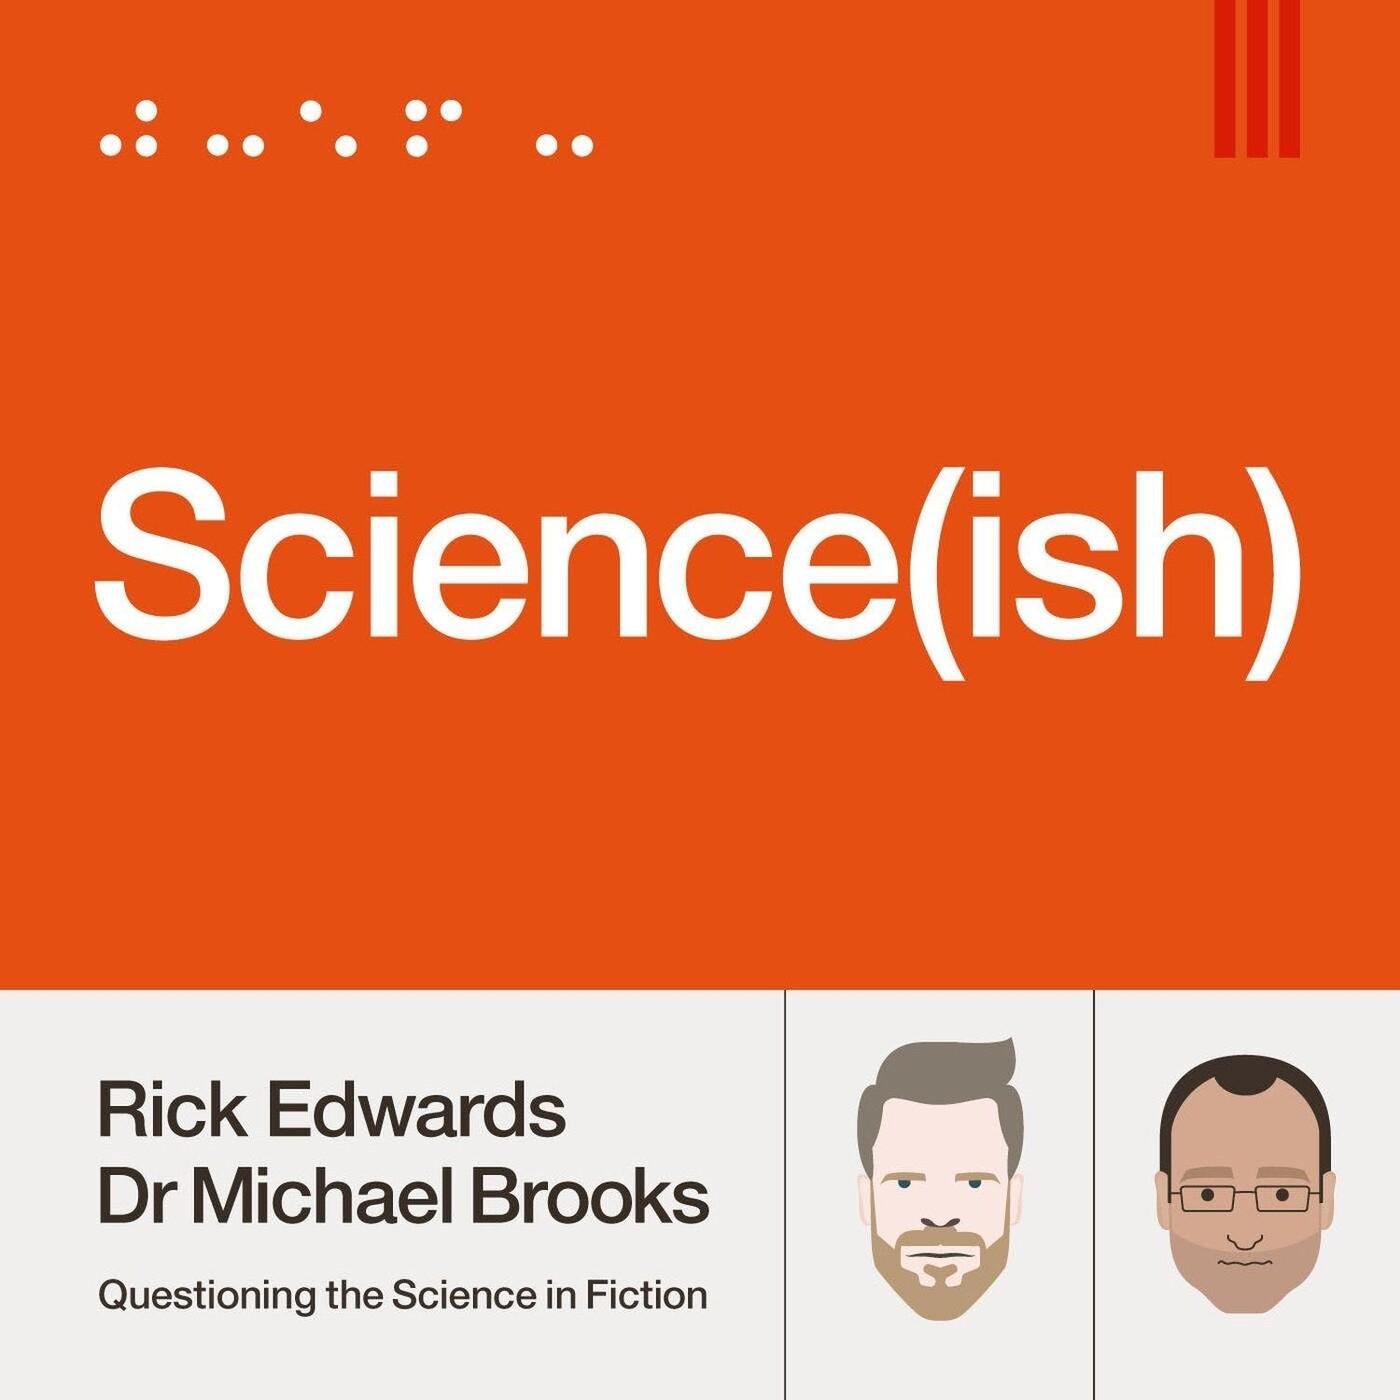 Scienceish